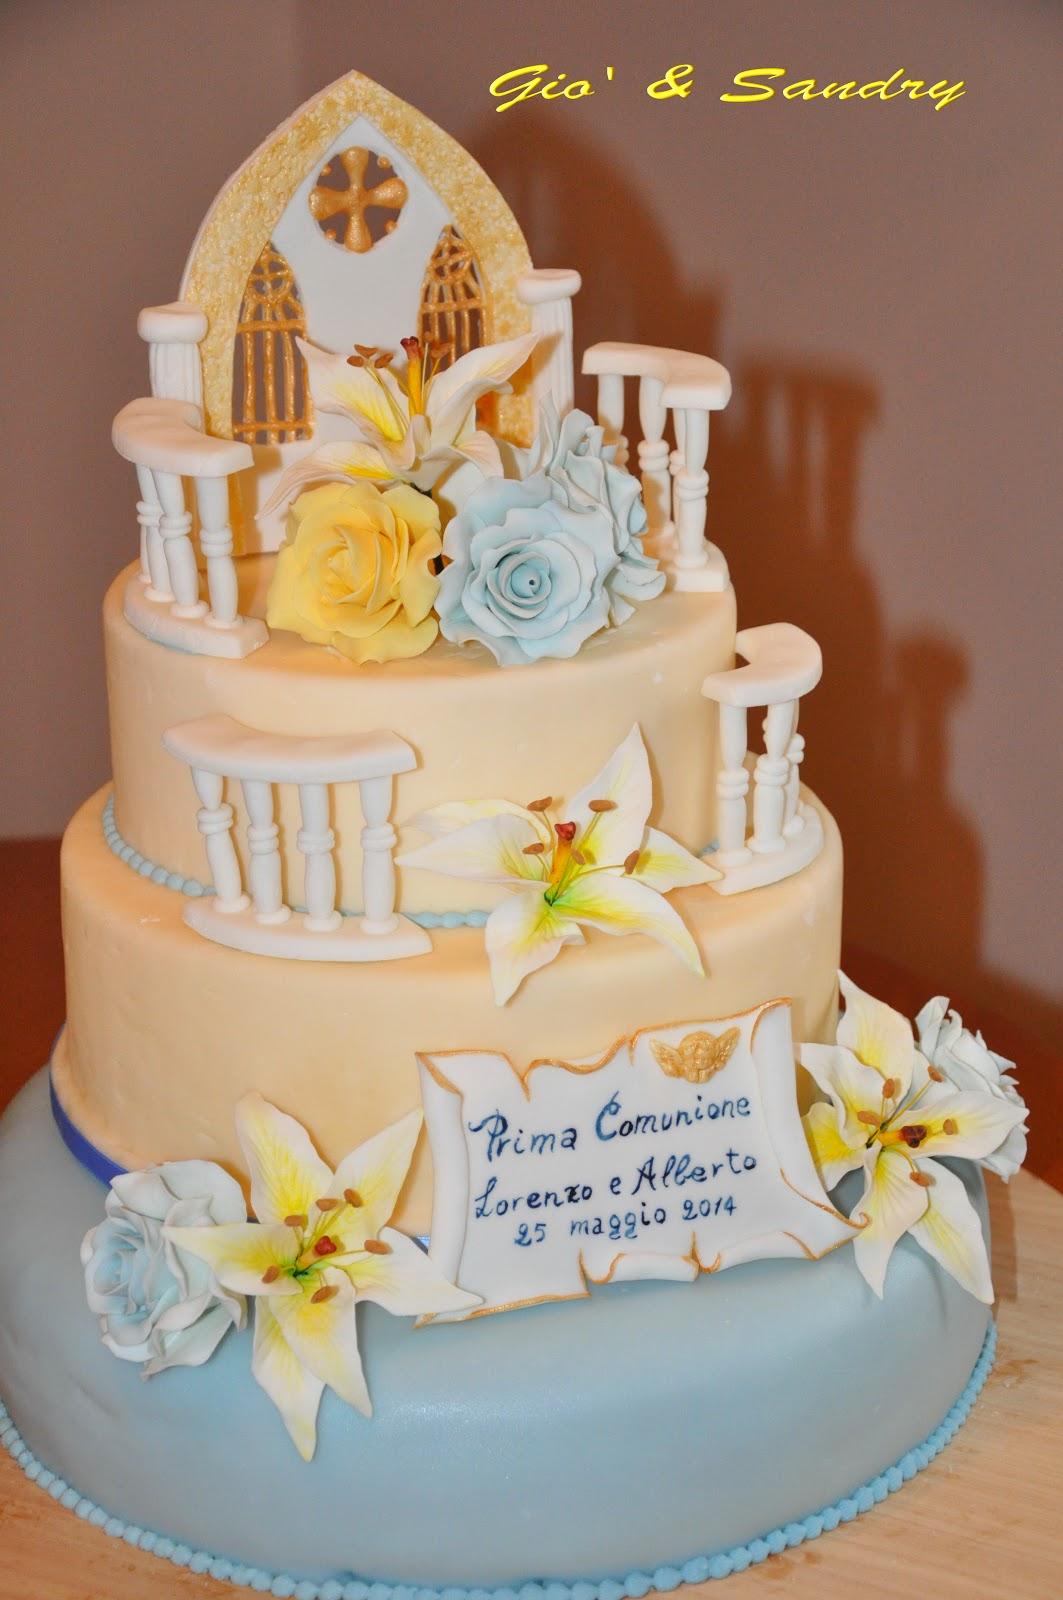 Favorito la dolce rosa di monte: In Chiesa per la Prima Comunione OI69